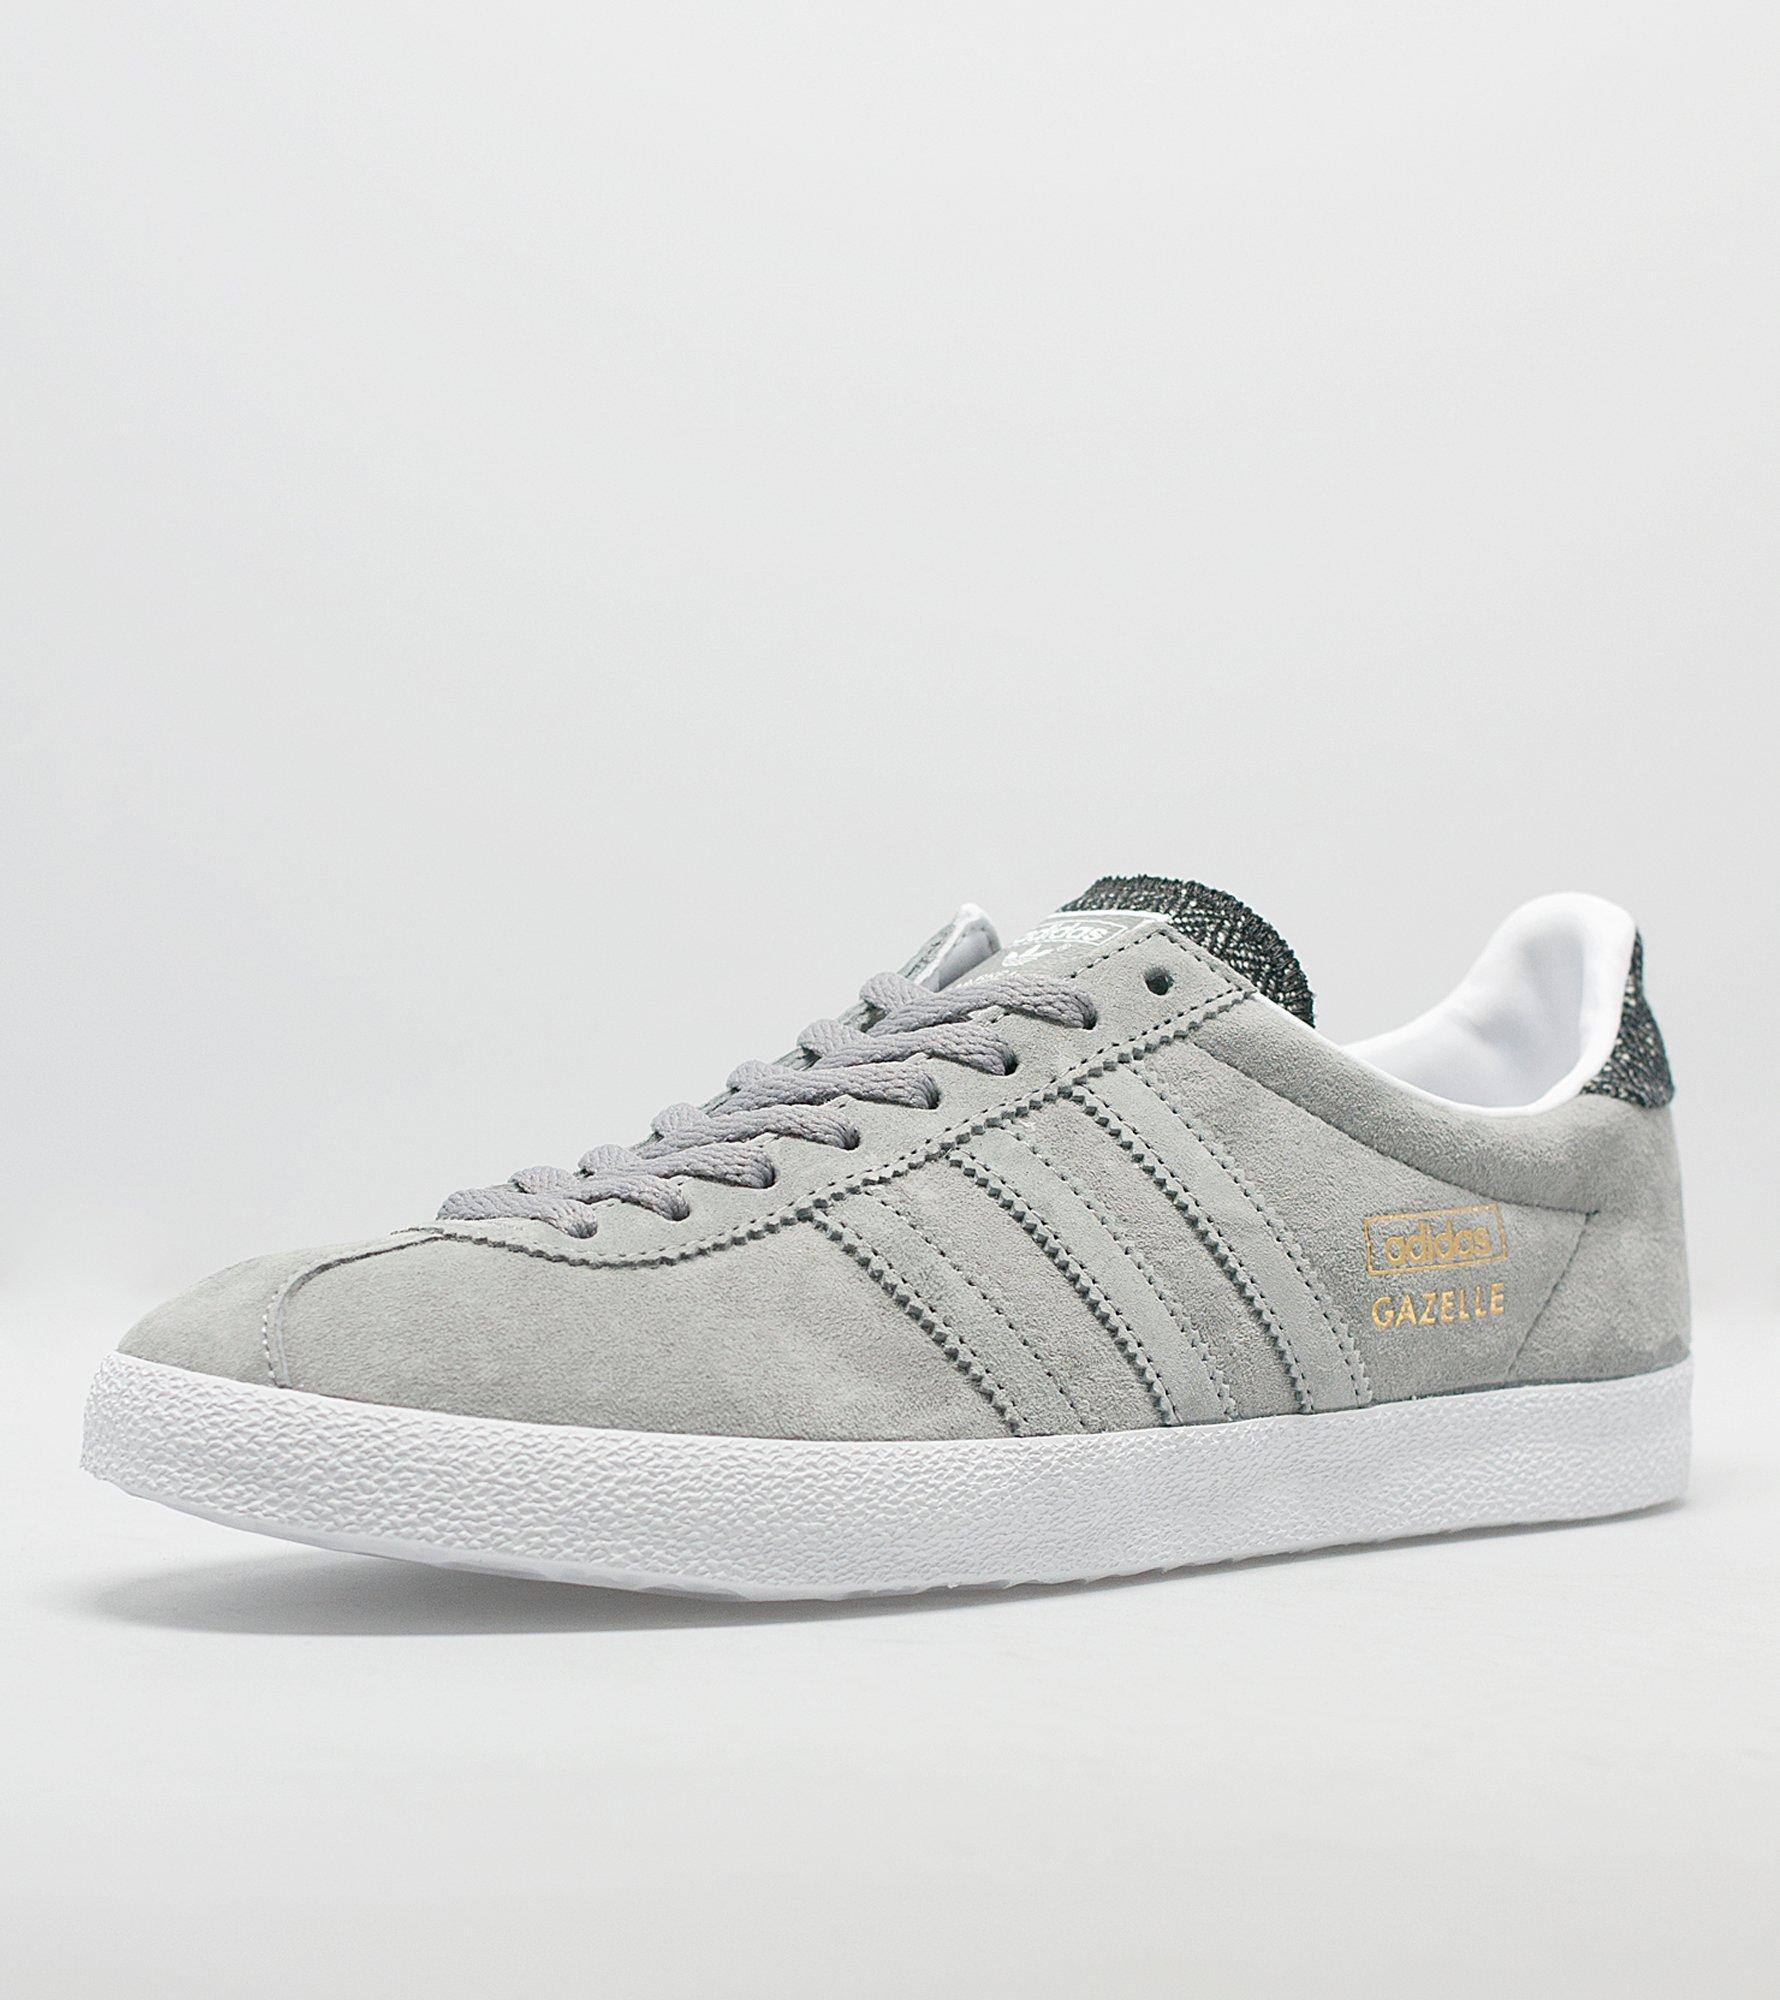 Adidas Gazelle Og Shoes Grey